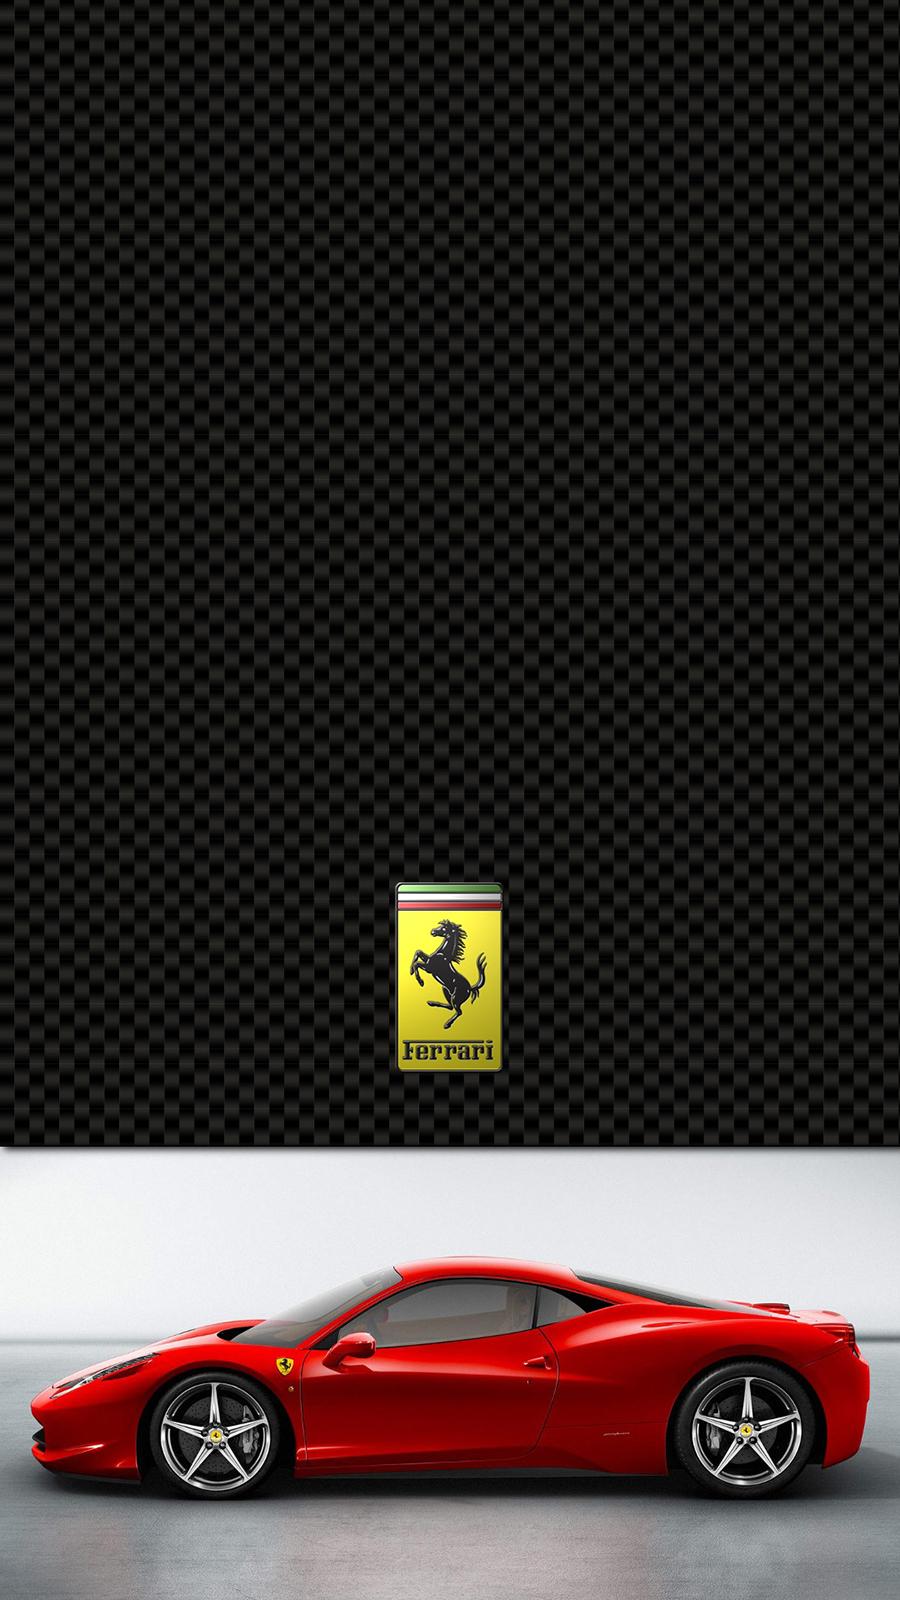 Ferrari 458 Italia Lockscreen Wallpapers Free Download For Mobile & Desktop